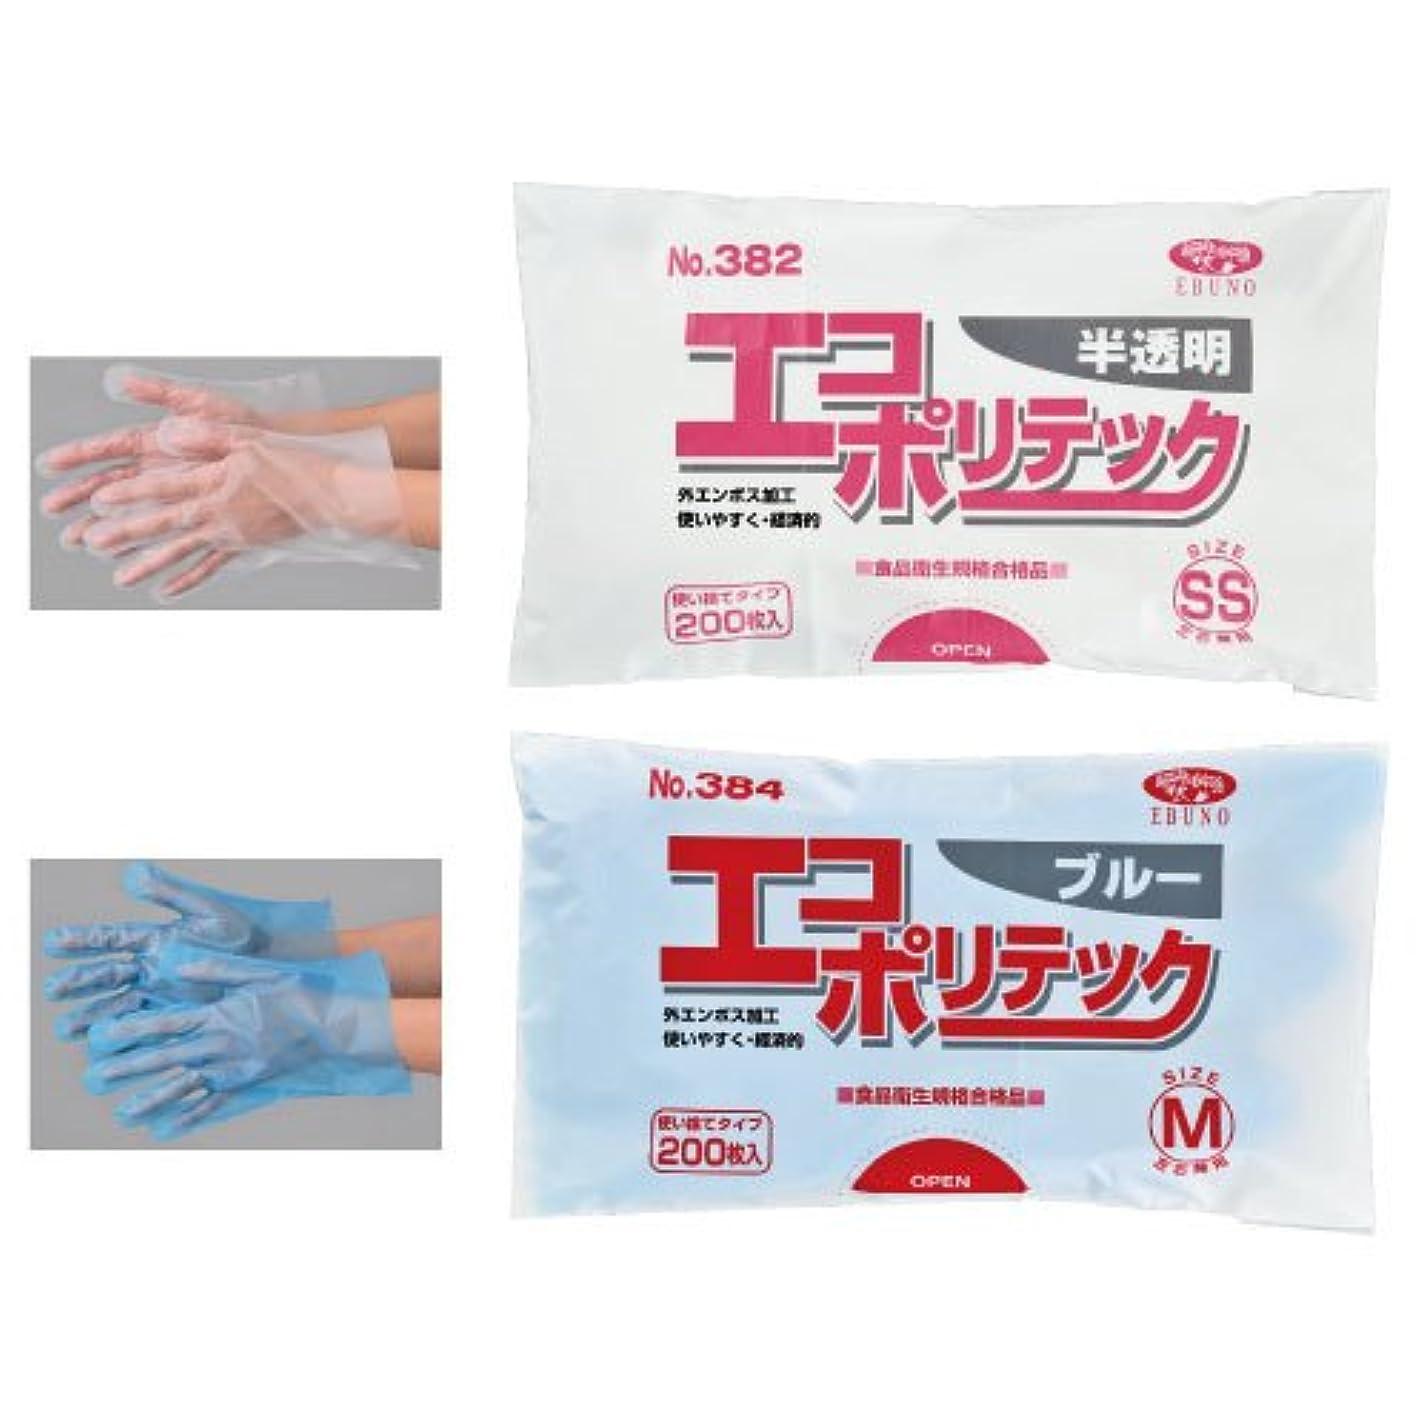 殉教者やりすぎ漂流エブノ ポリエチレン手袋 No.382 SS 半透明 (200枚×30袋) エコポリテック 袋入